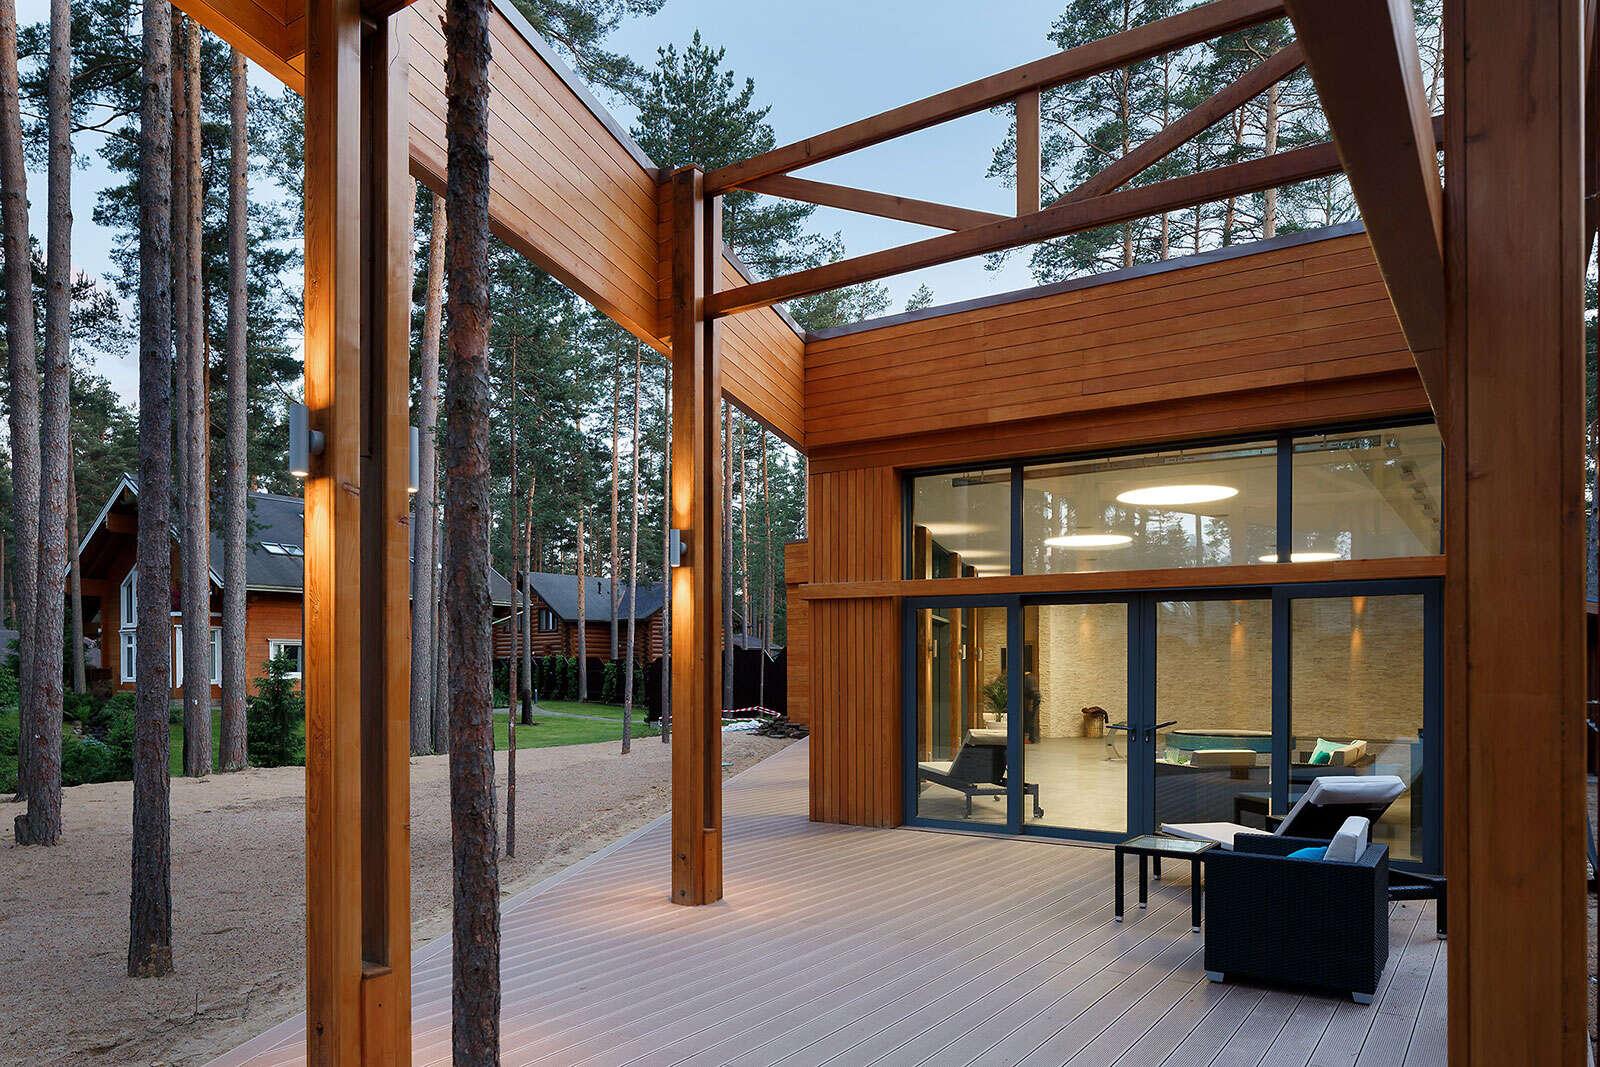 Архитектурный проект и дизайн интерьера СПА-комплекса 280 кв.м.